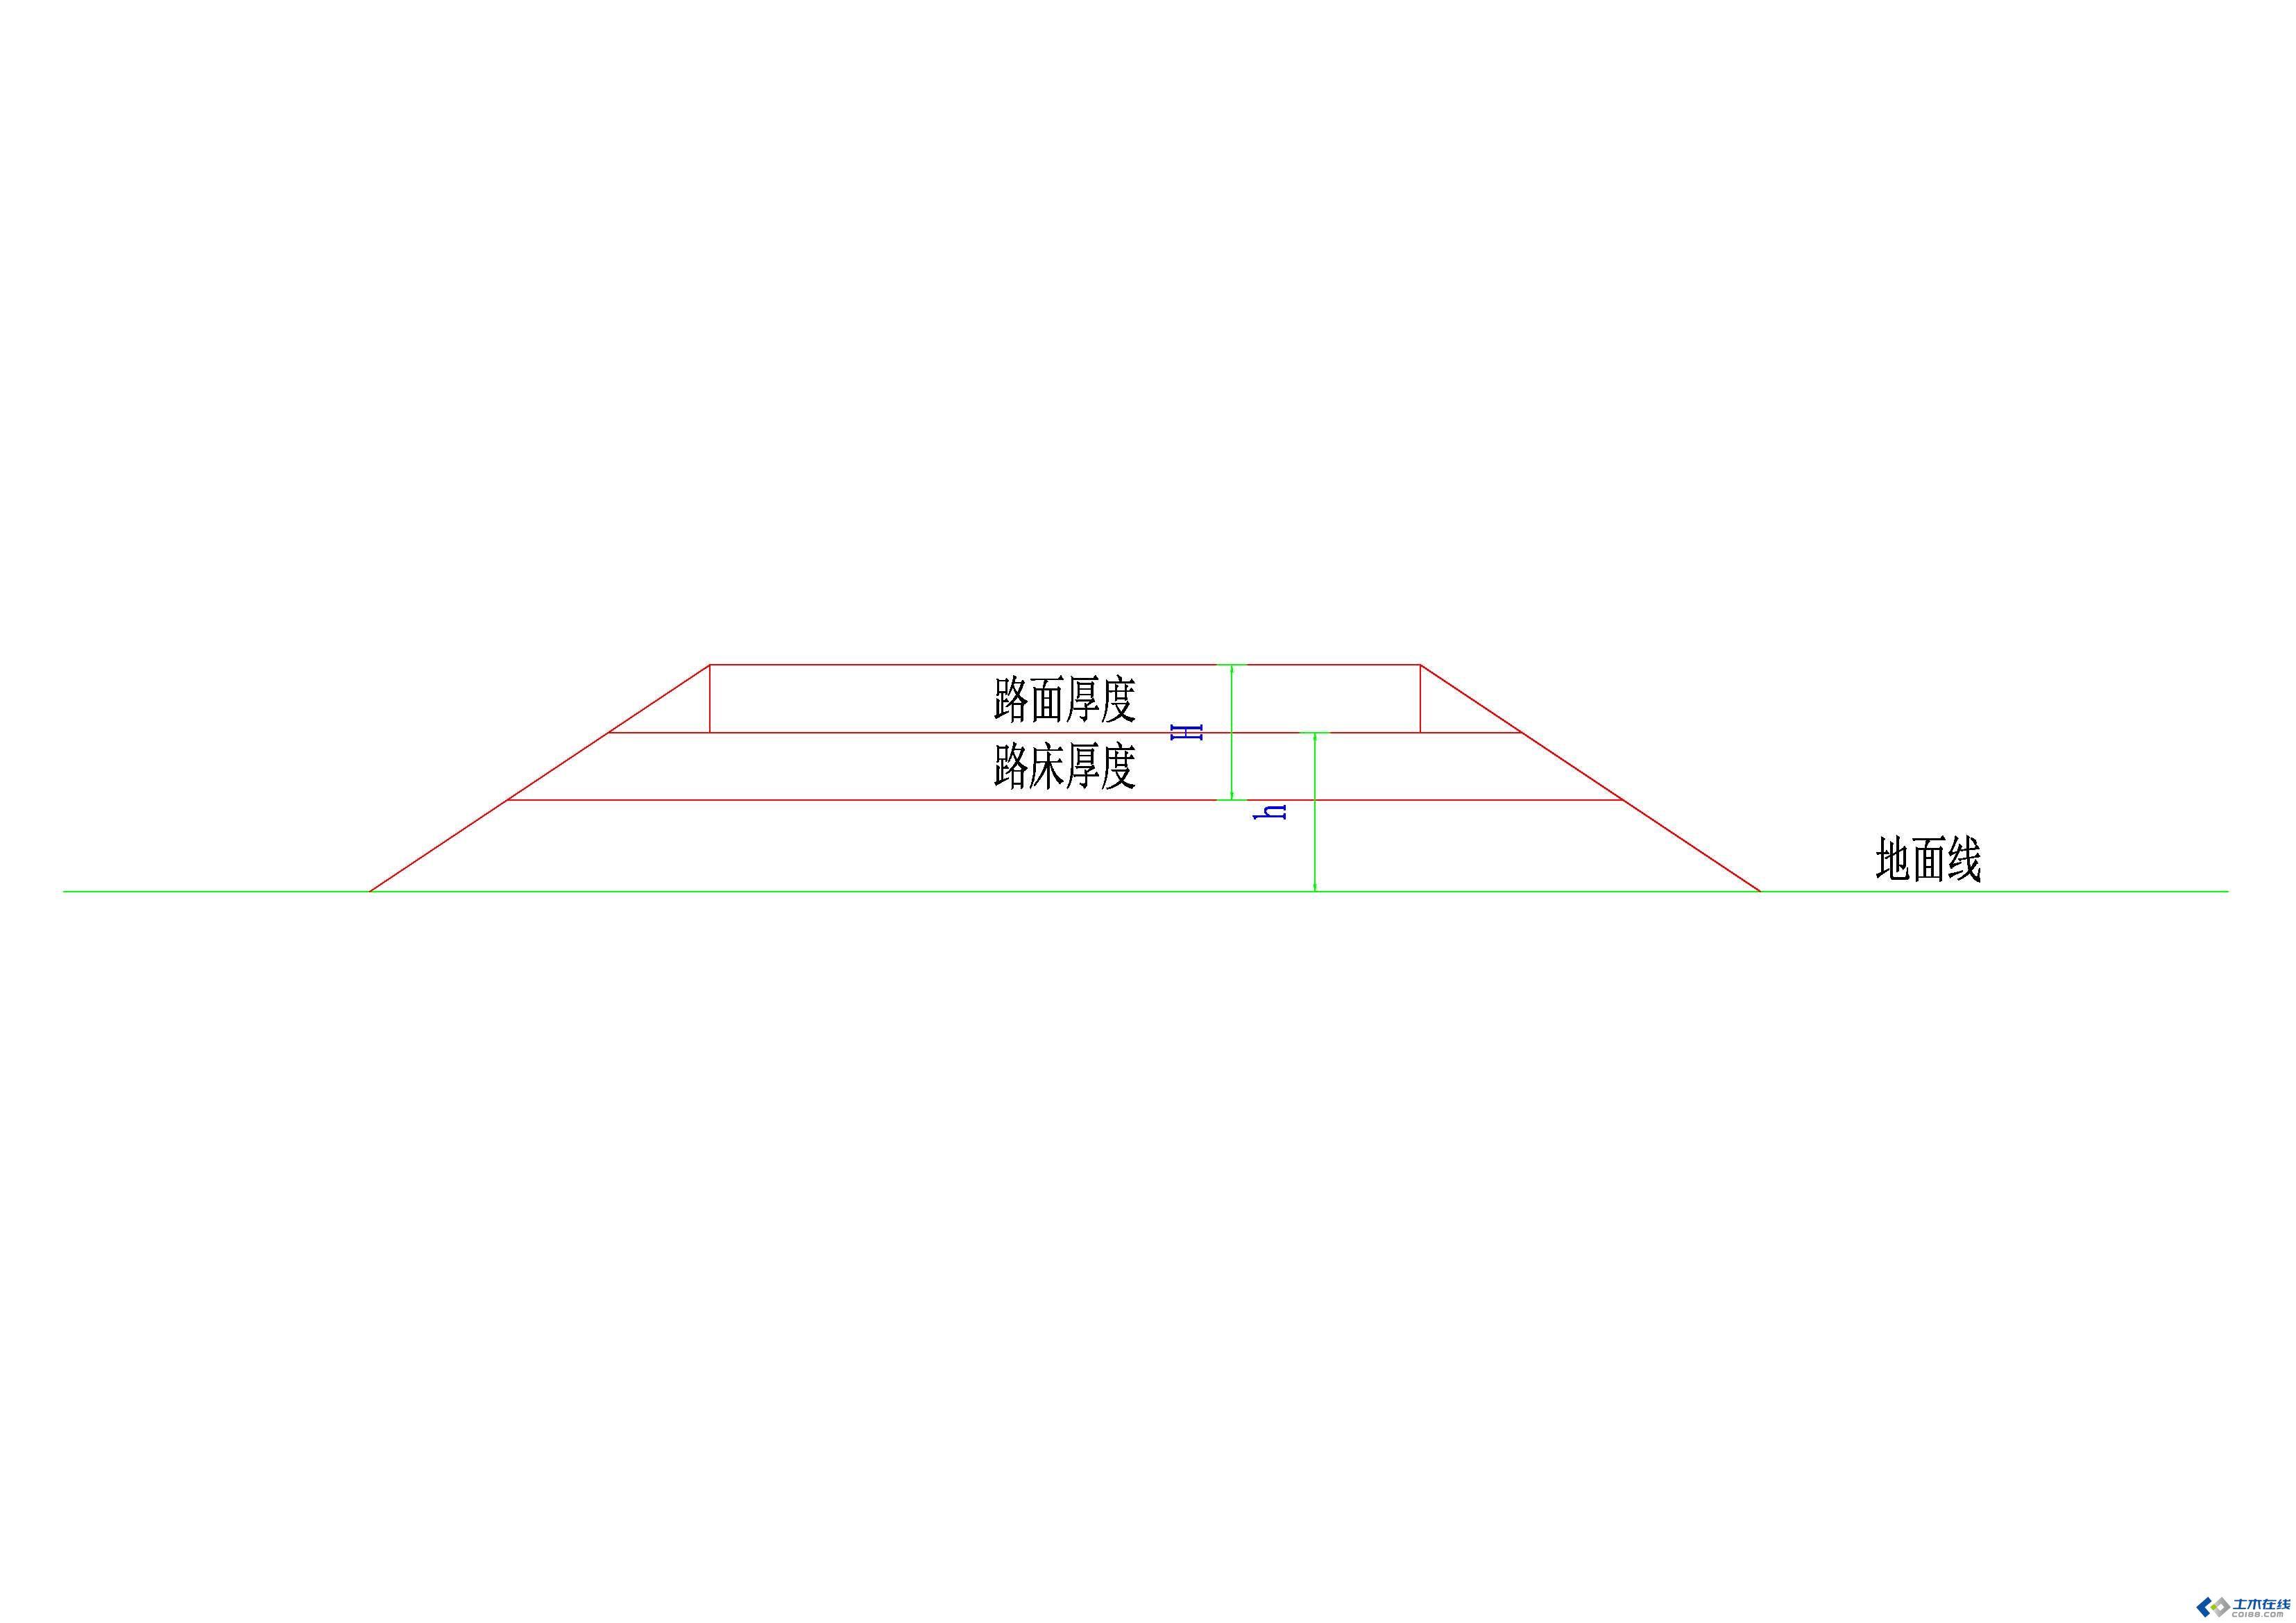 城市道路路基设计规范(cjj194-2013)中4.3.